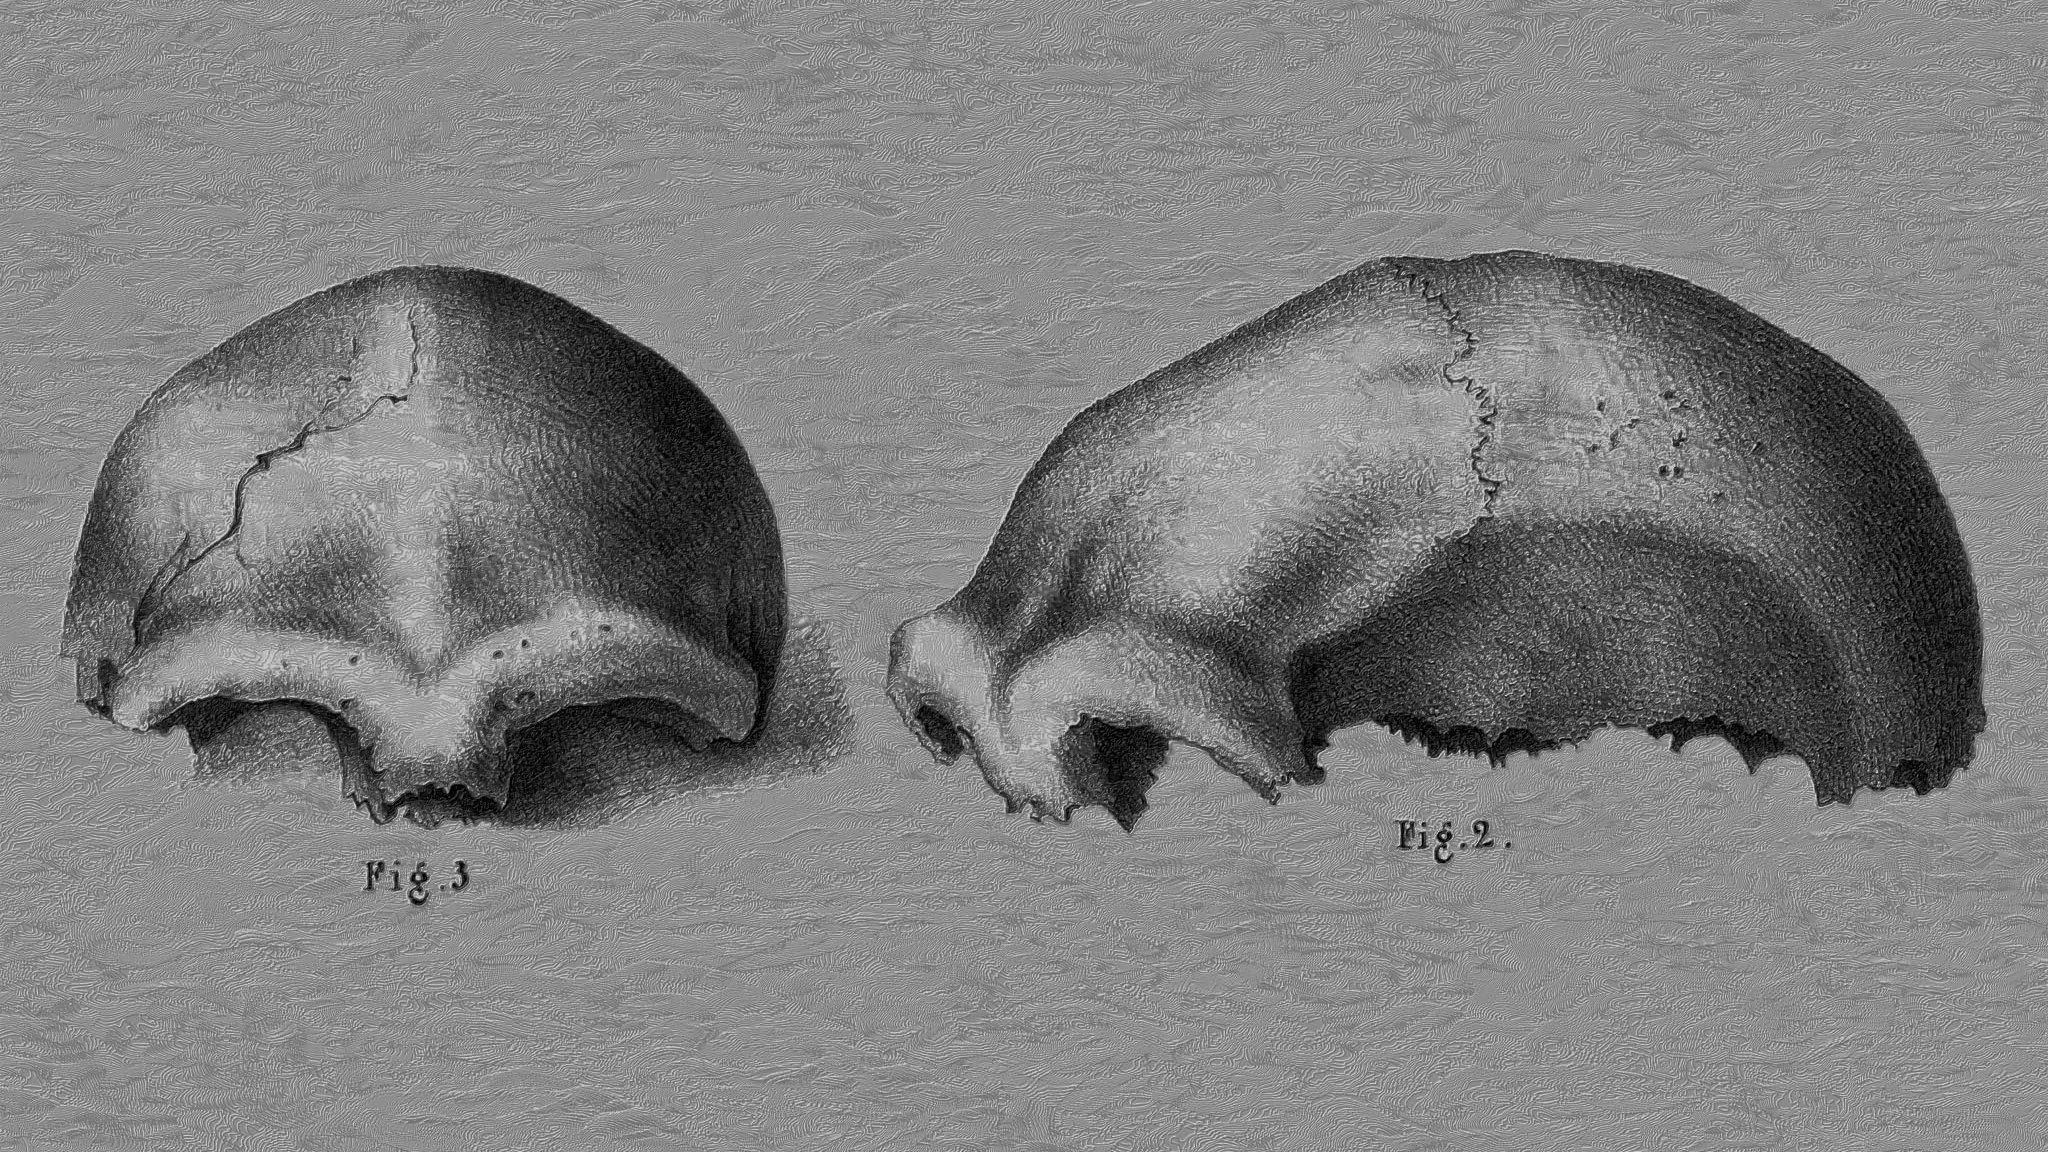 """Zu sehen ist die Zeichnung vom Schädeldach des """"Ur""""-Neandertalers aus der Feldhofer Grotte, den Arbeiter im Jahr 1856in einem Steinbruch bei Düsseldorf freilegten. Die filigrane schwarzweiße Illustration zeigt das Schädeldach mit den mächtigen Überaugenwülsten ein Mal von der Seite und ein Mal von vorne."""